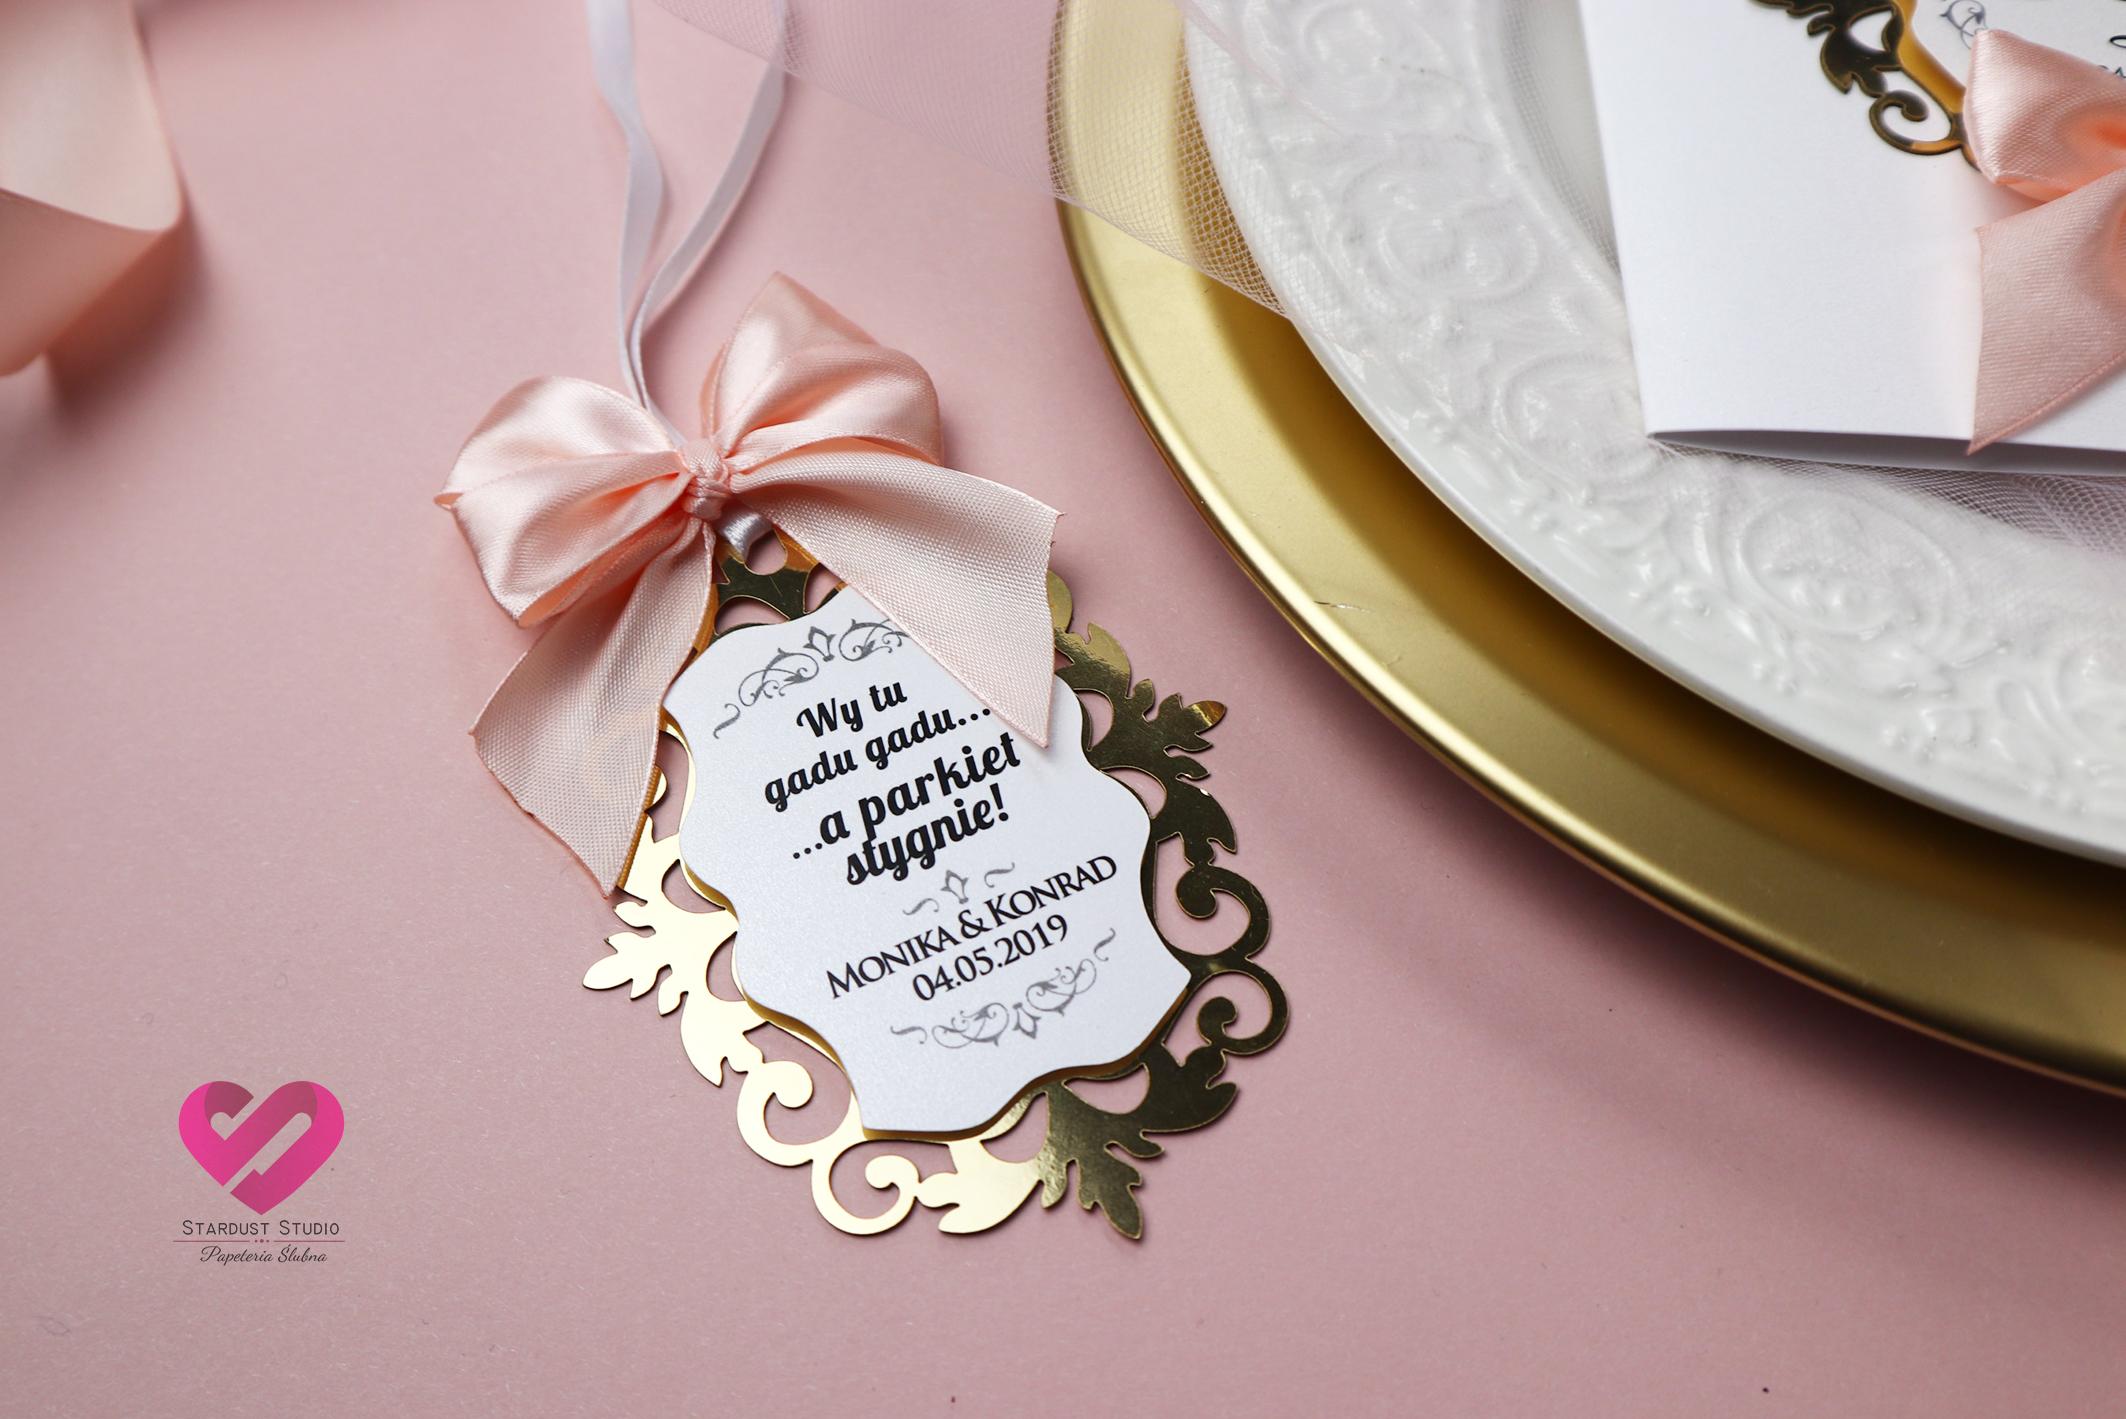 Pastelowe, romantyczne zawieszki ślubne na alkohol w stylu glamour z delikatną różową wstążką i złotym ażurem pasujące do zaproszeń